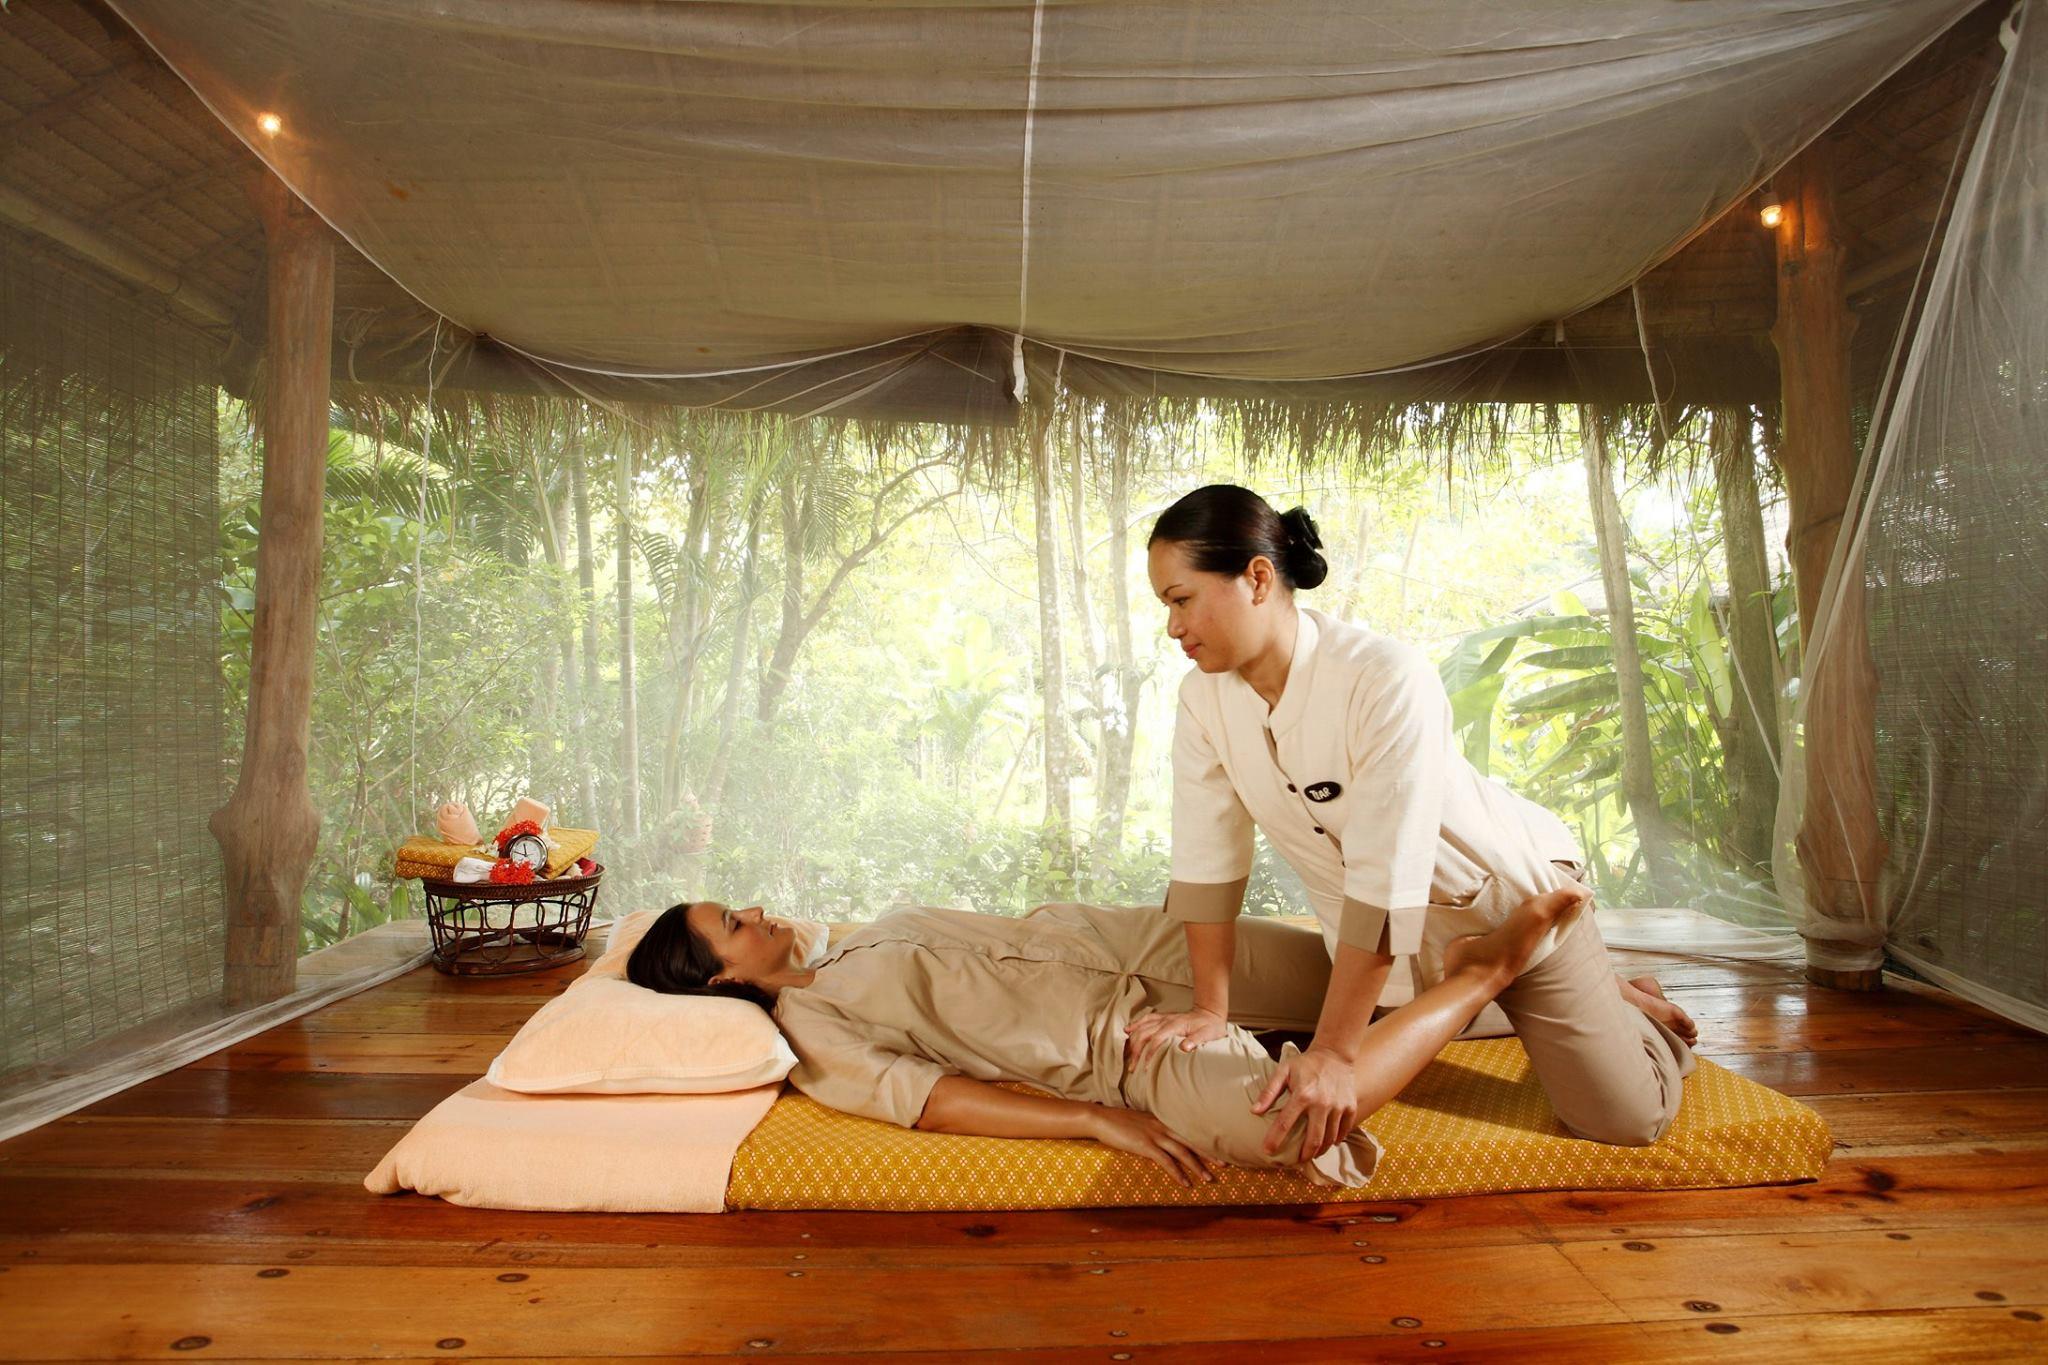 paradise-koh-yao-retreat-center-thailand-15